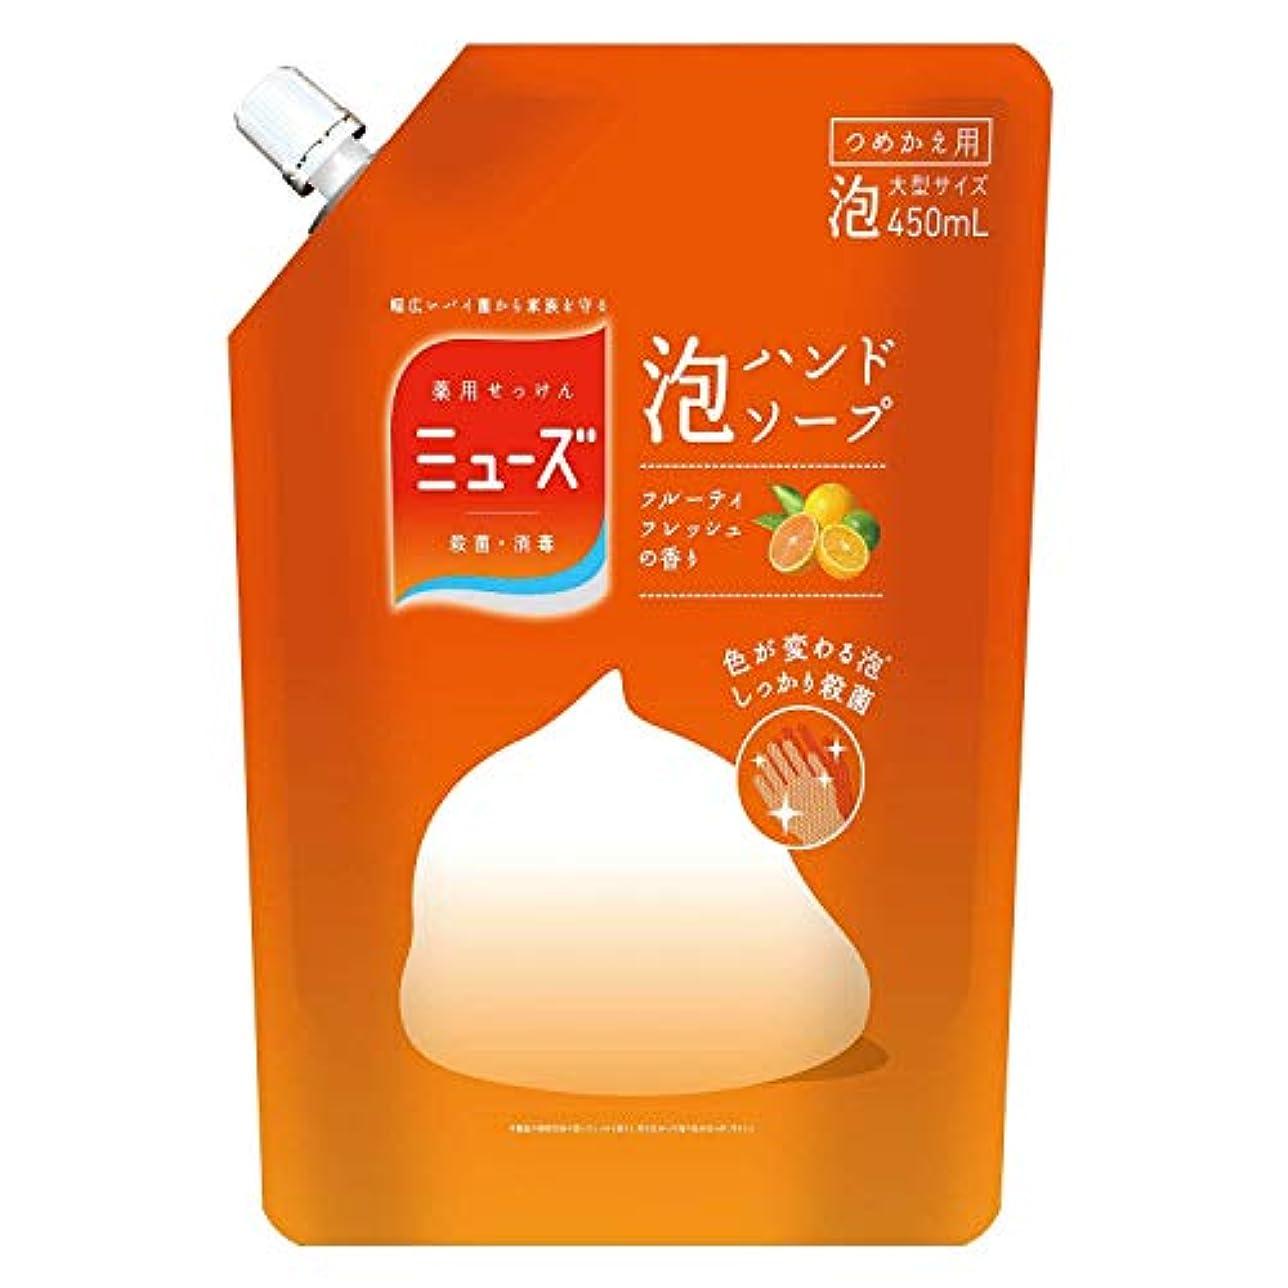 【医薬部外品】ミューズ 泡ハンドソープ 詰め替え フルーティフレッシュ 450ml